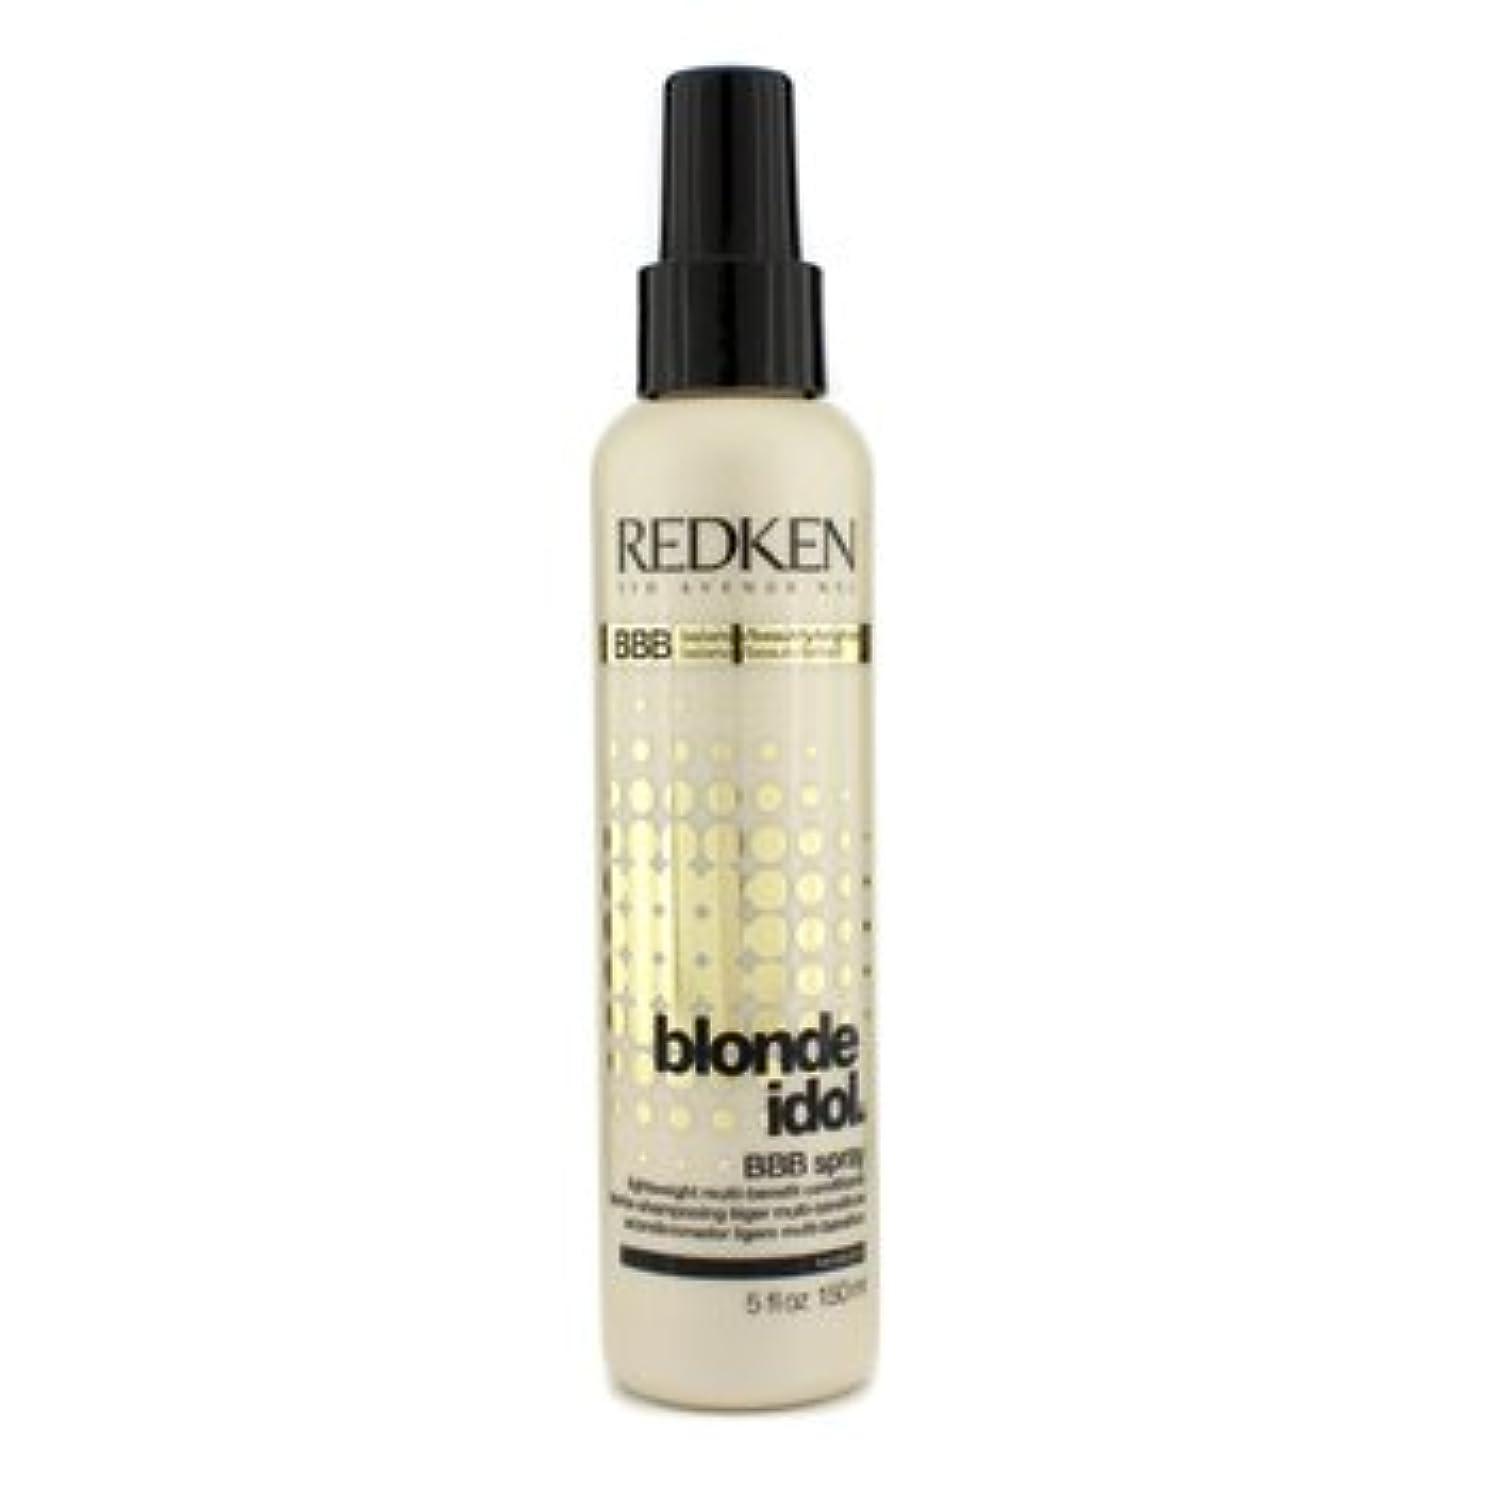 びっくりお手入れトラフィック[Redken] Blonde Idol BBB Spray Lightweight Multi-Benefit Conditioner (For Beautiful Blonde Hair) 150ml/5oz